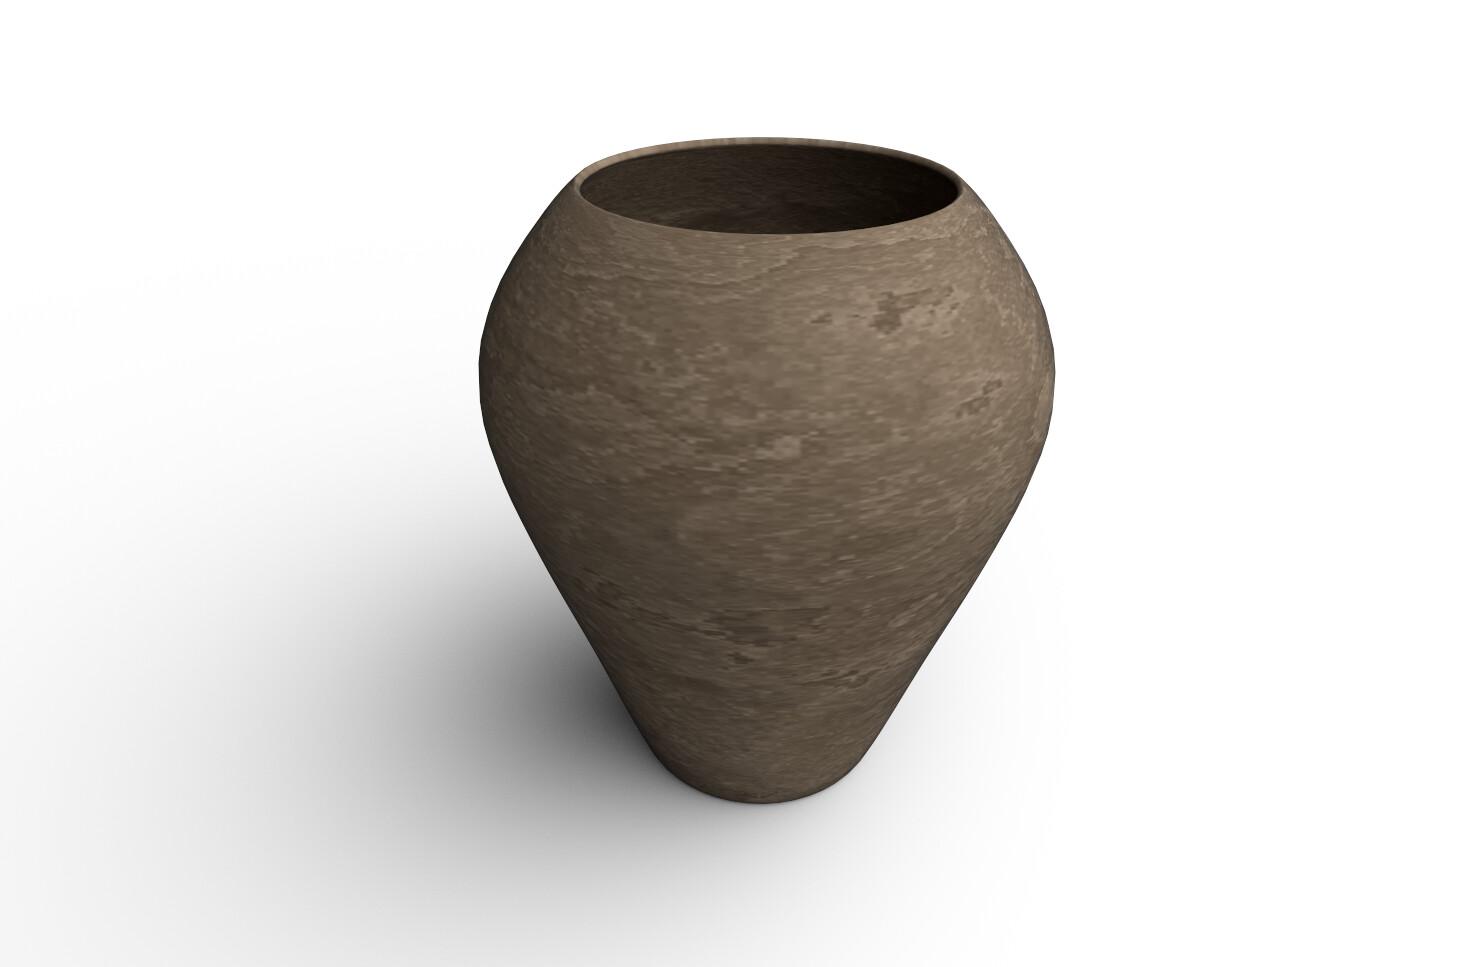 Joseph moniz vase005h